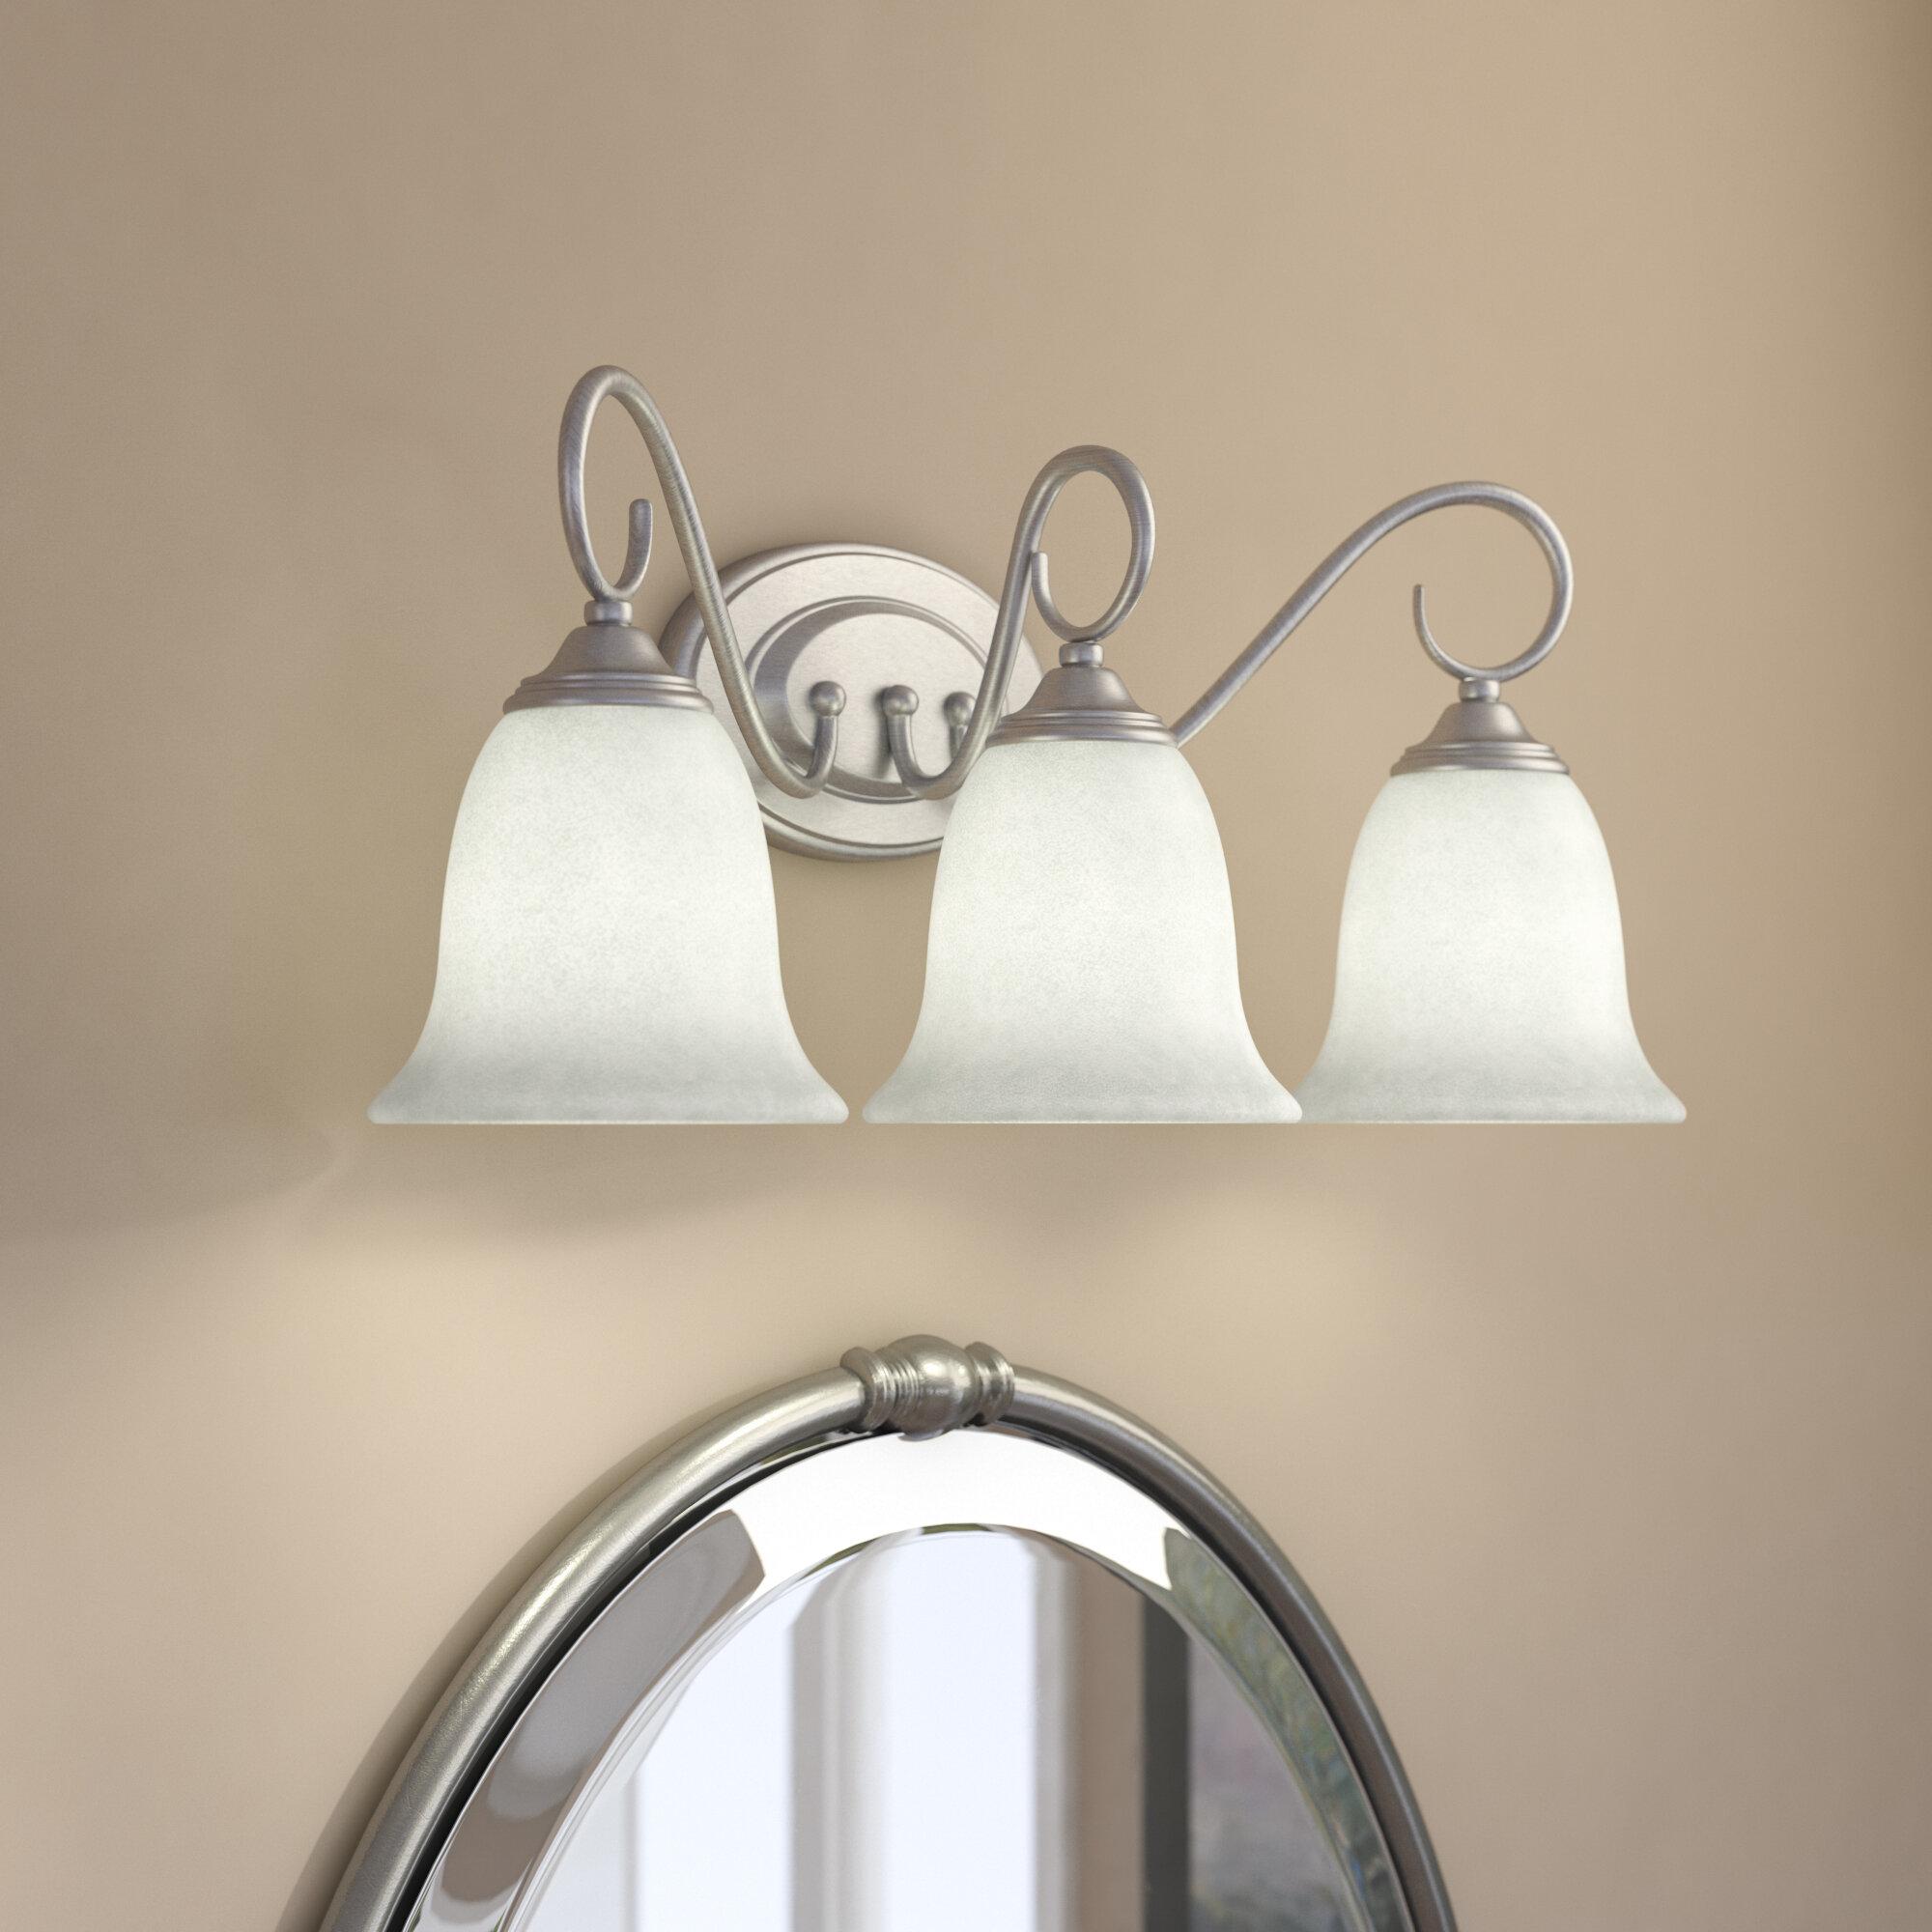 Charlton Home Tuthill 3 Light Vanity